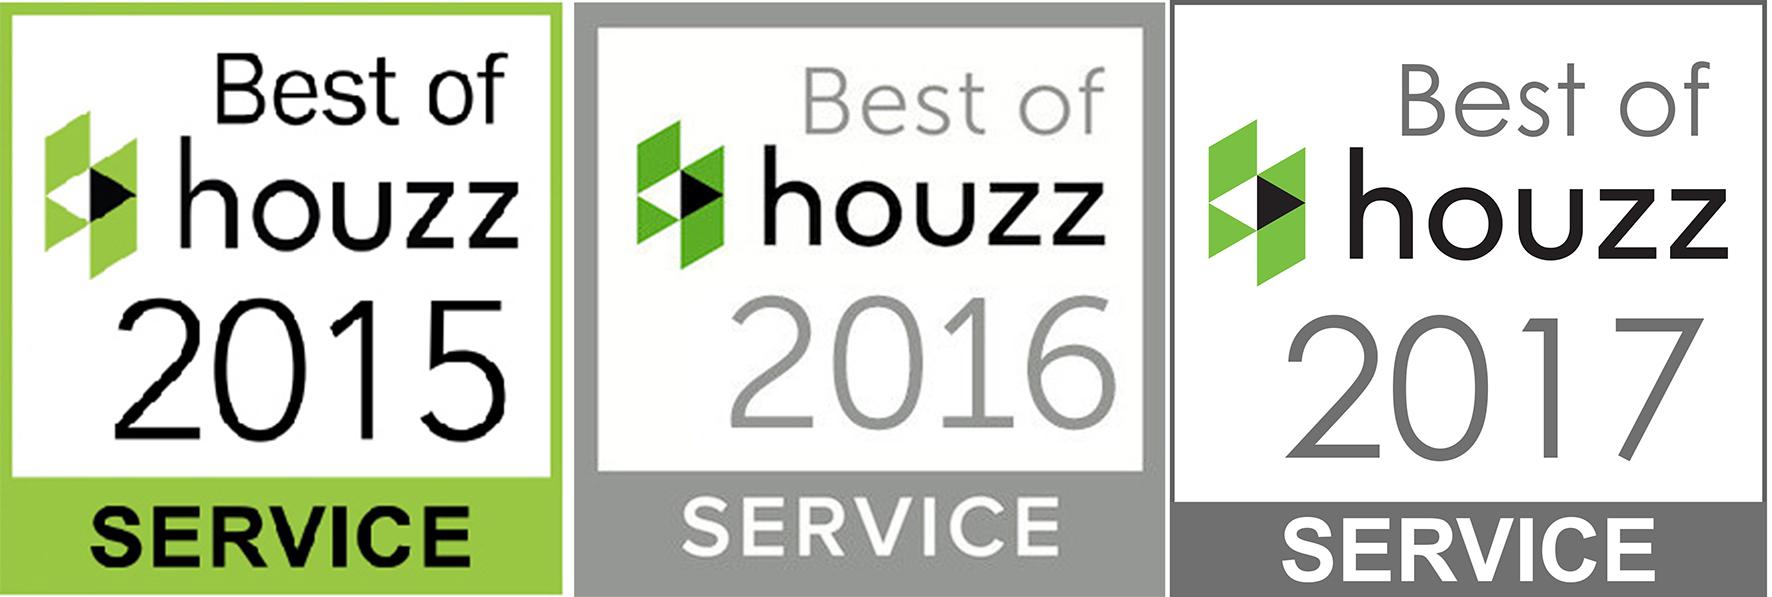 best-of-houzz-2015-16-17